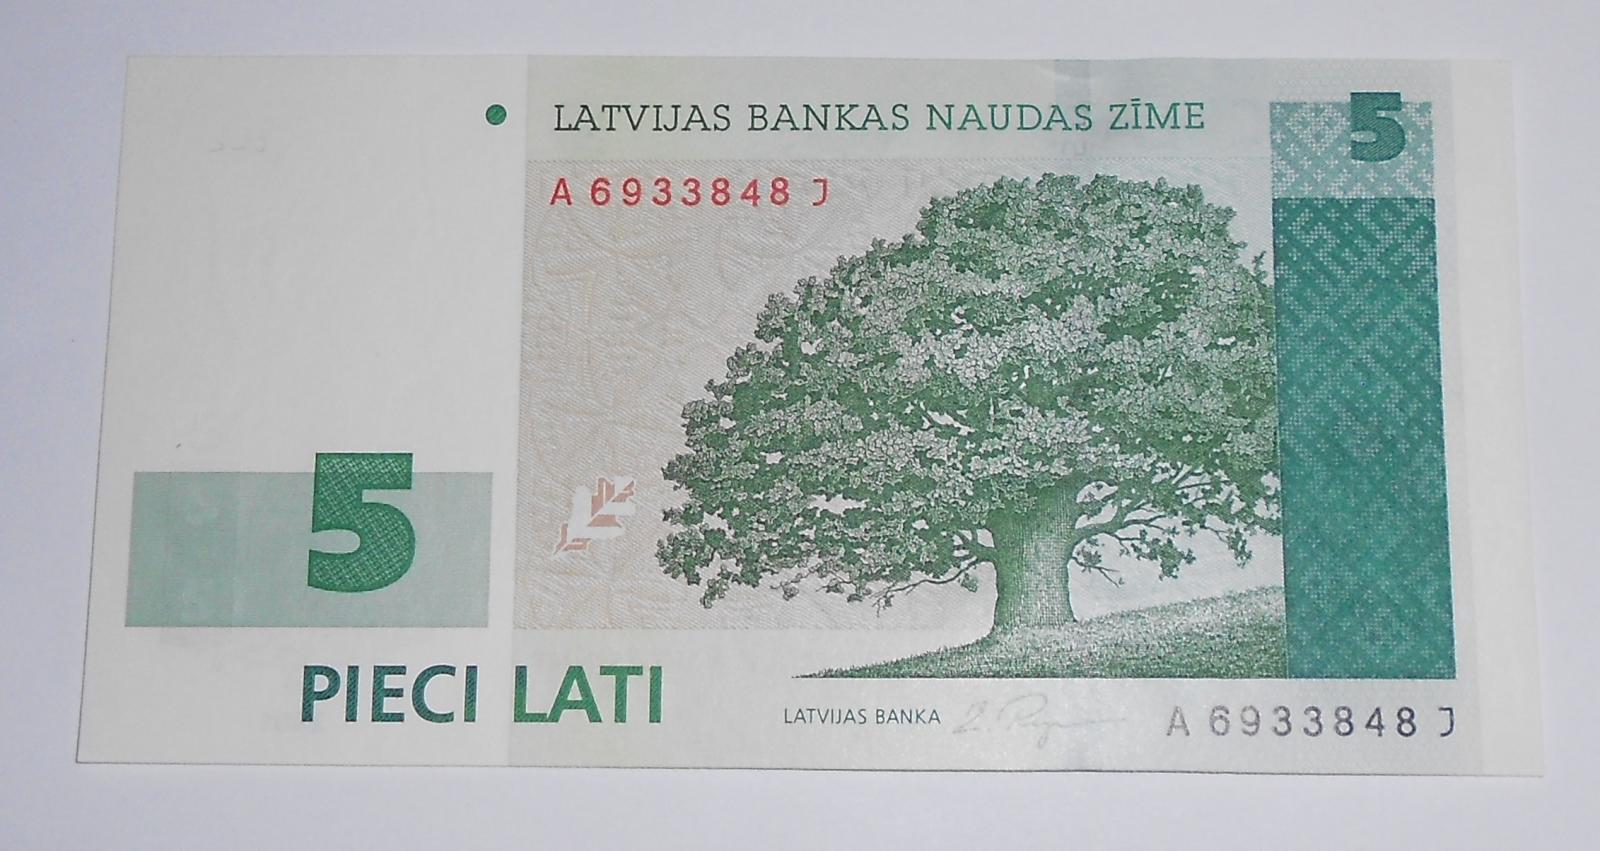 Litva 5 Lati 2001